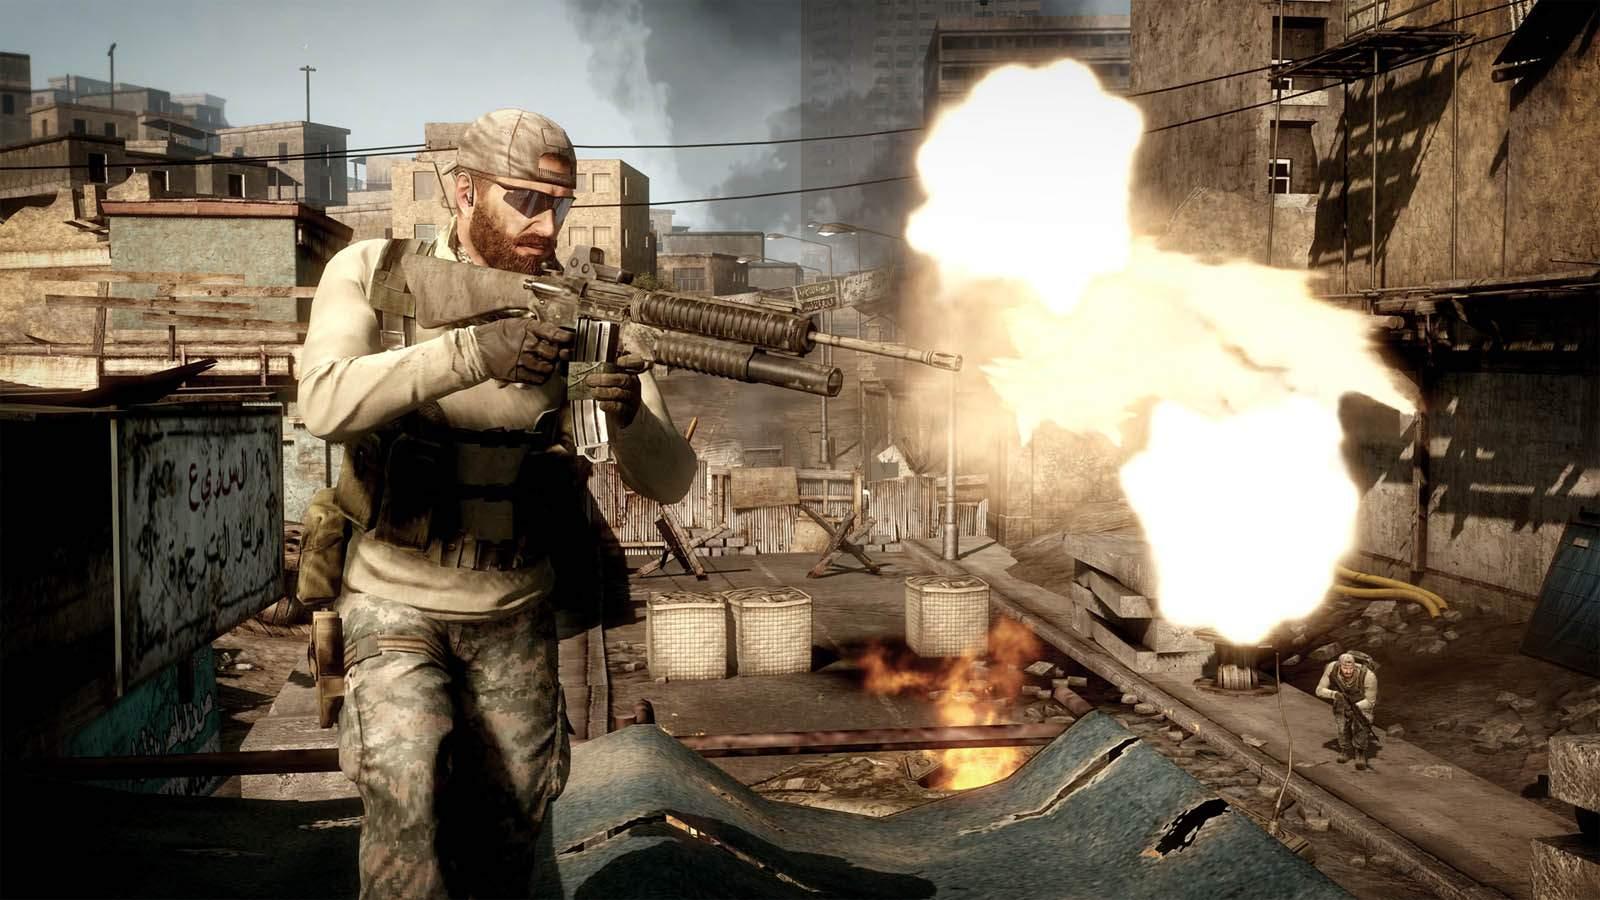 تحميل لعبة Medal Of Honor 2010 مضغوطة كاملة بروابط مباشرة مجانا